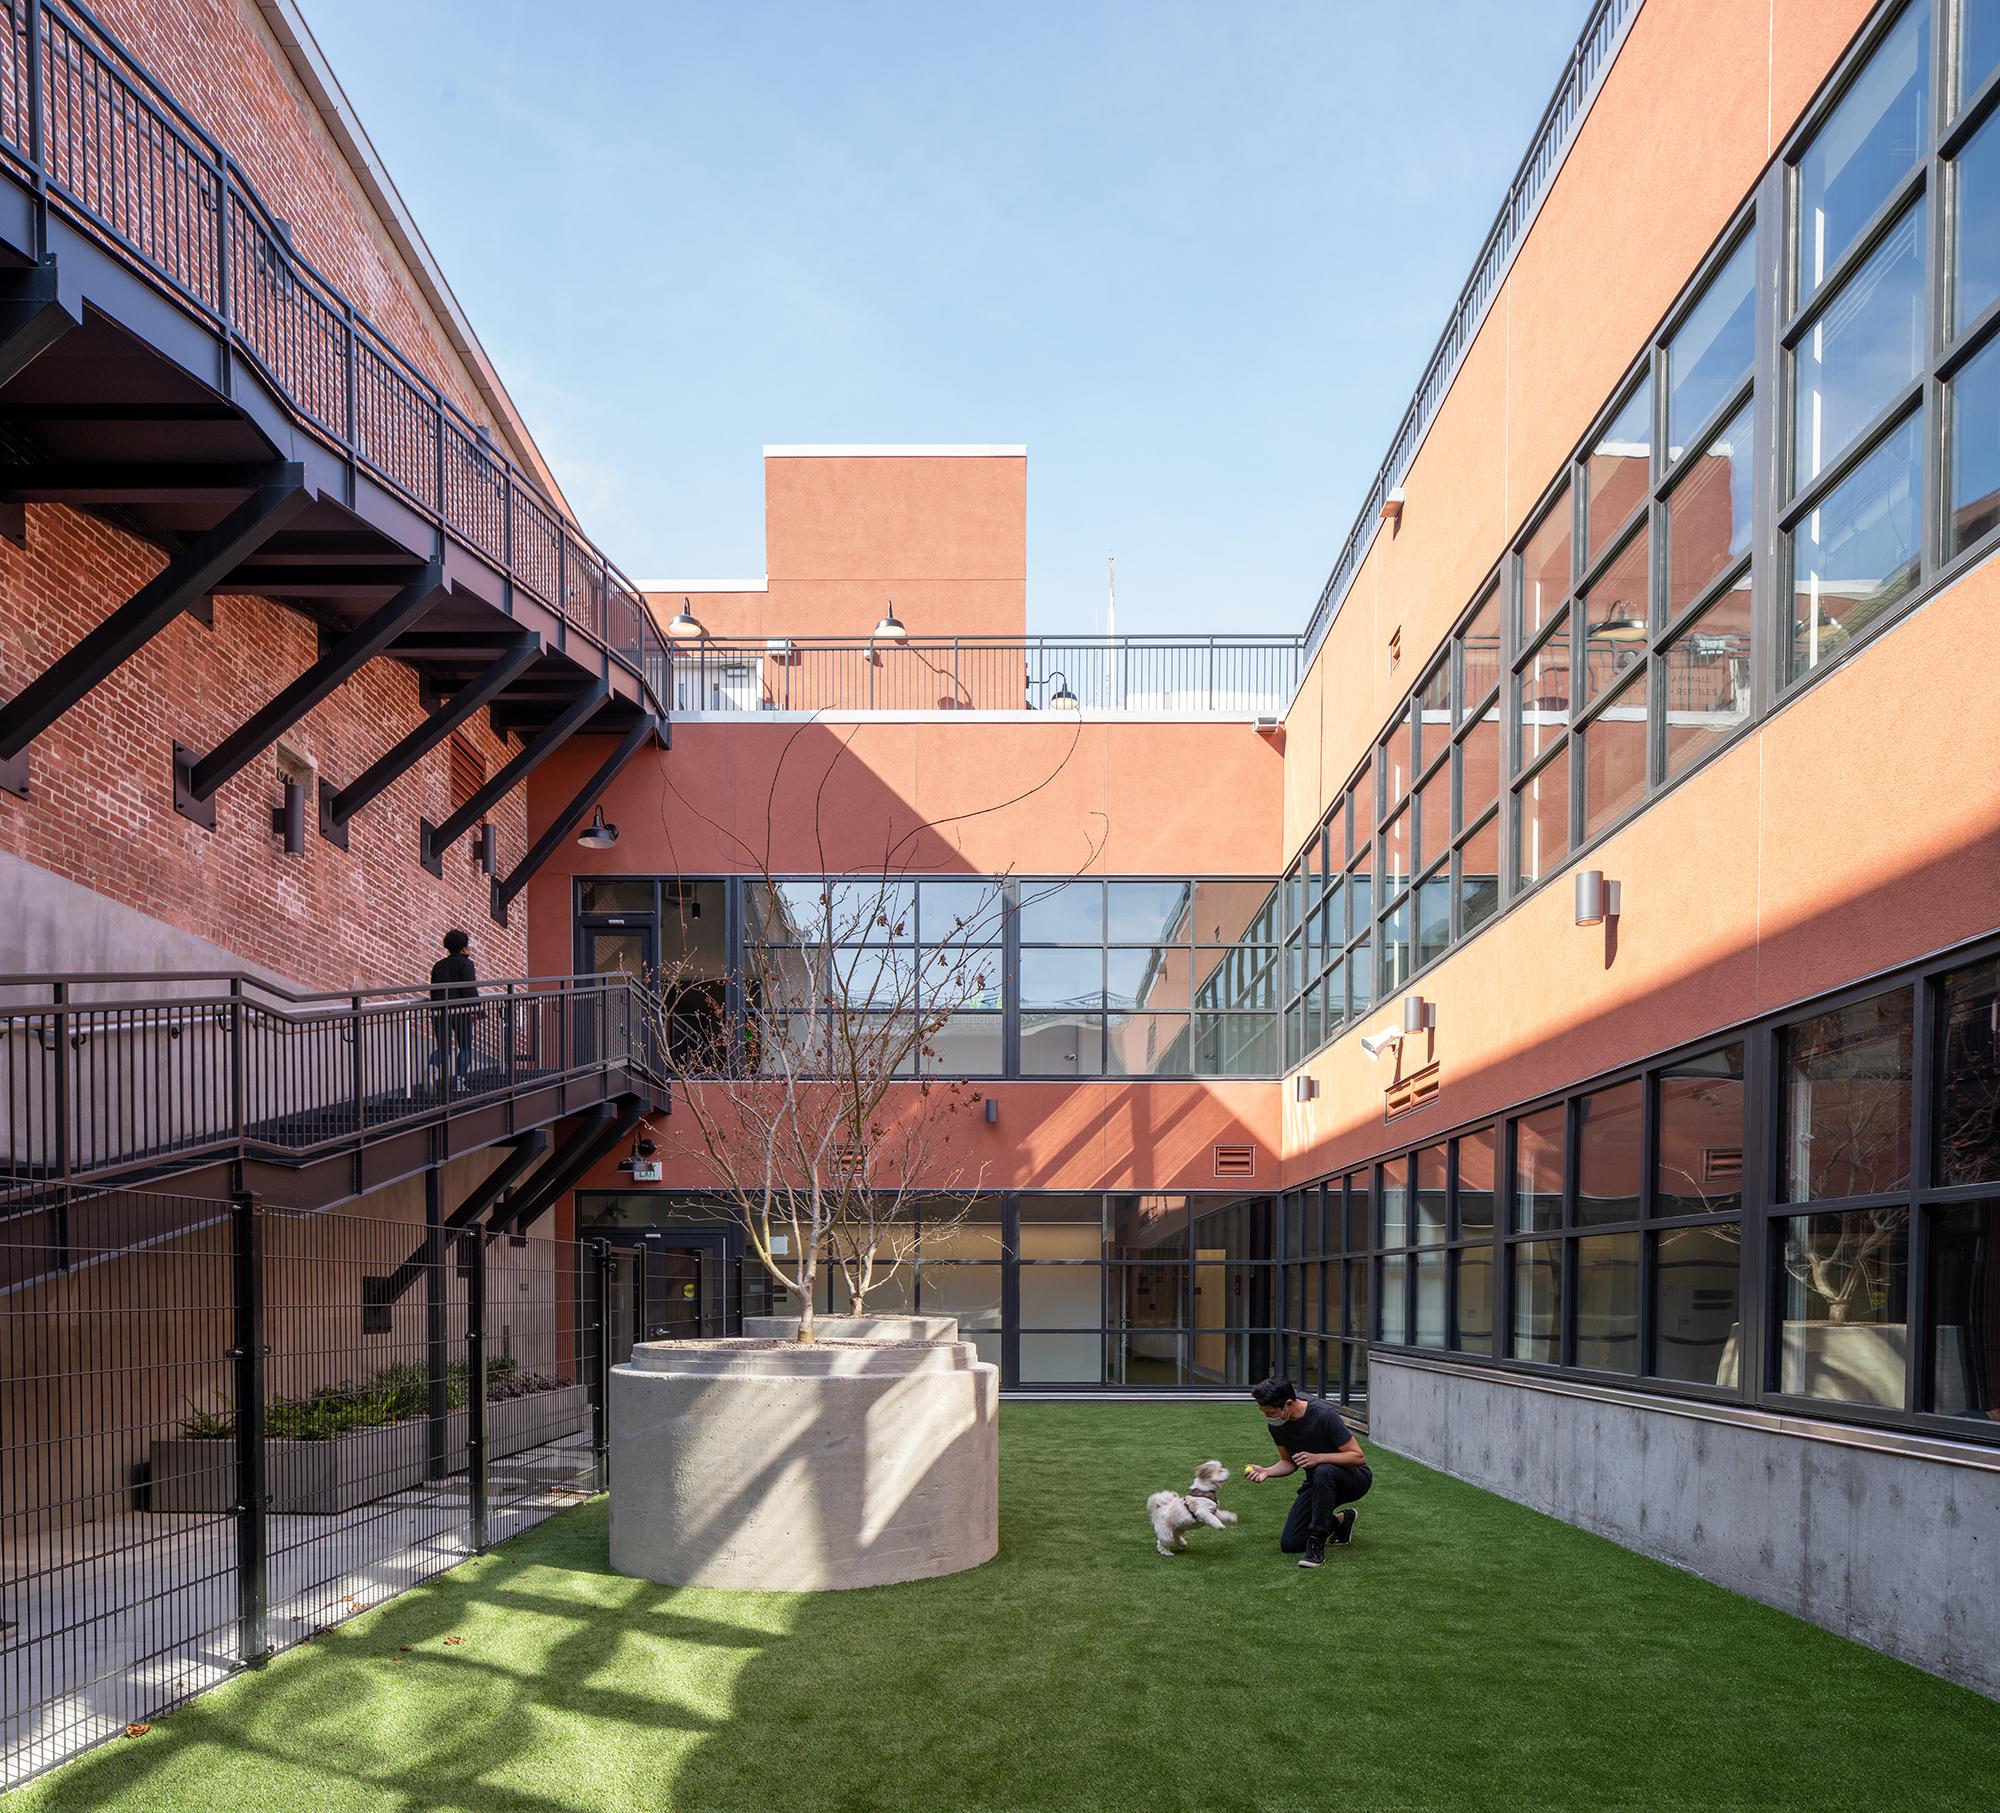 SFACCF by Quezada Architecture (Fred Quezada, Cecilia Quezada, Ed Tingley)